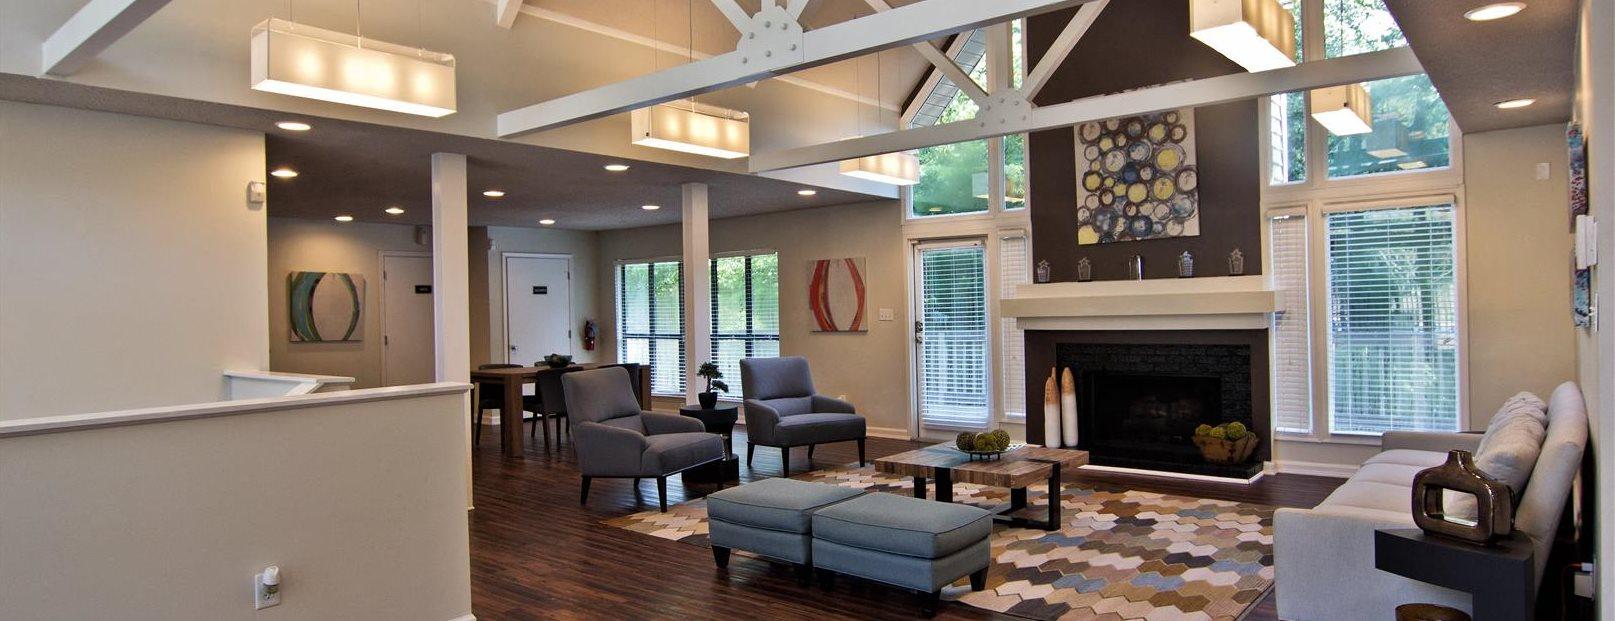 Durham Nc Apartments For Rent Park Ridge Estates